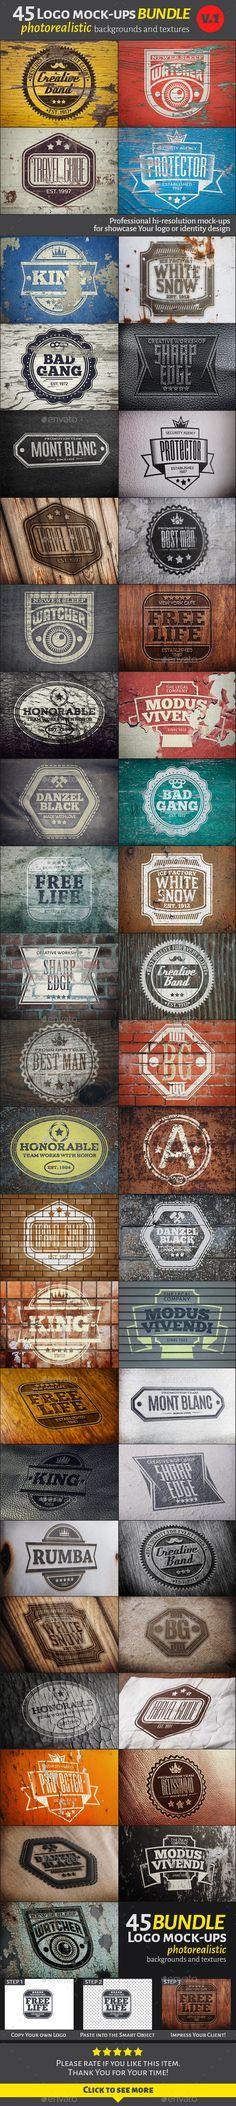 45 Vintage Logo Mock-Ups. Bundle  #design Download: http://graphicriver.net/item/45-vintage-logo-mockups-bundle-v1-/12343351?ref=ksioks